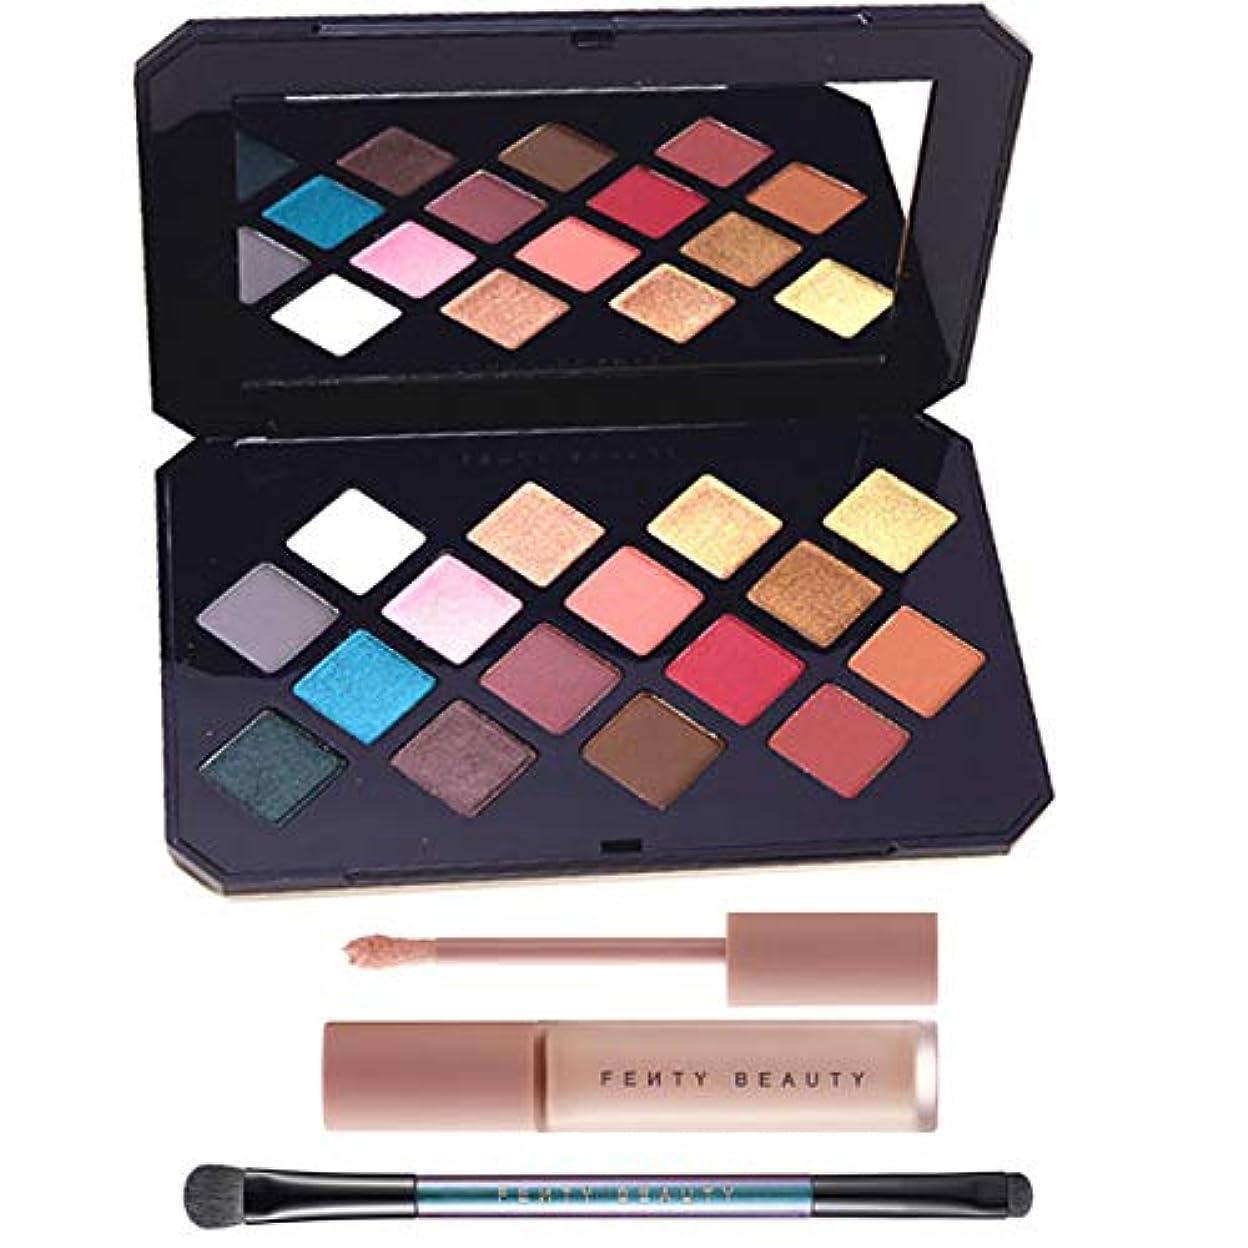 運河拷問データムFENTY BEAUTY BY RIHANNA, Moroccan Spice Eyeshadow Palette & Eye Essentials [海外直送品] [並行輸入品]